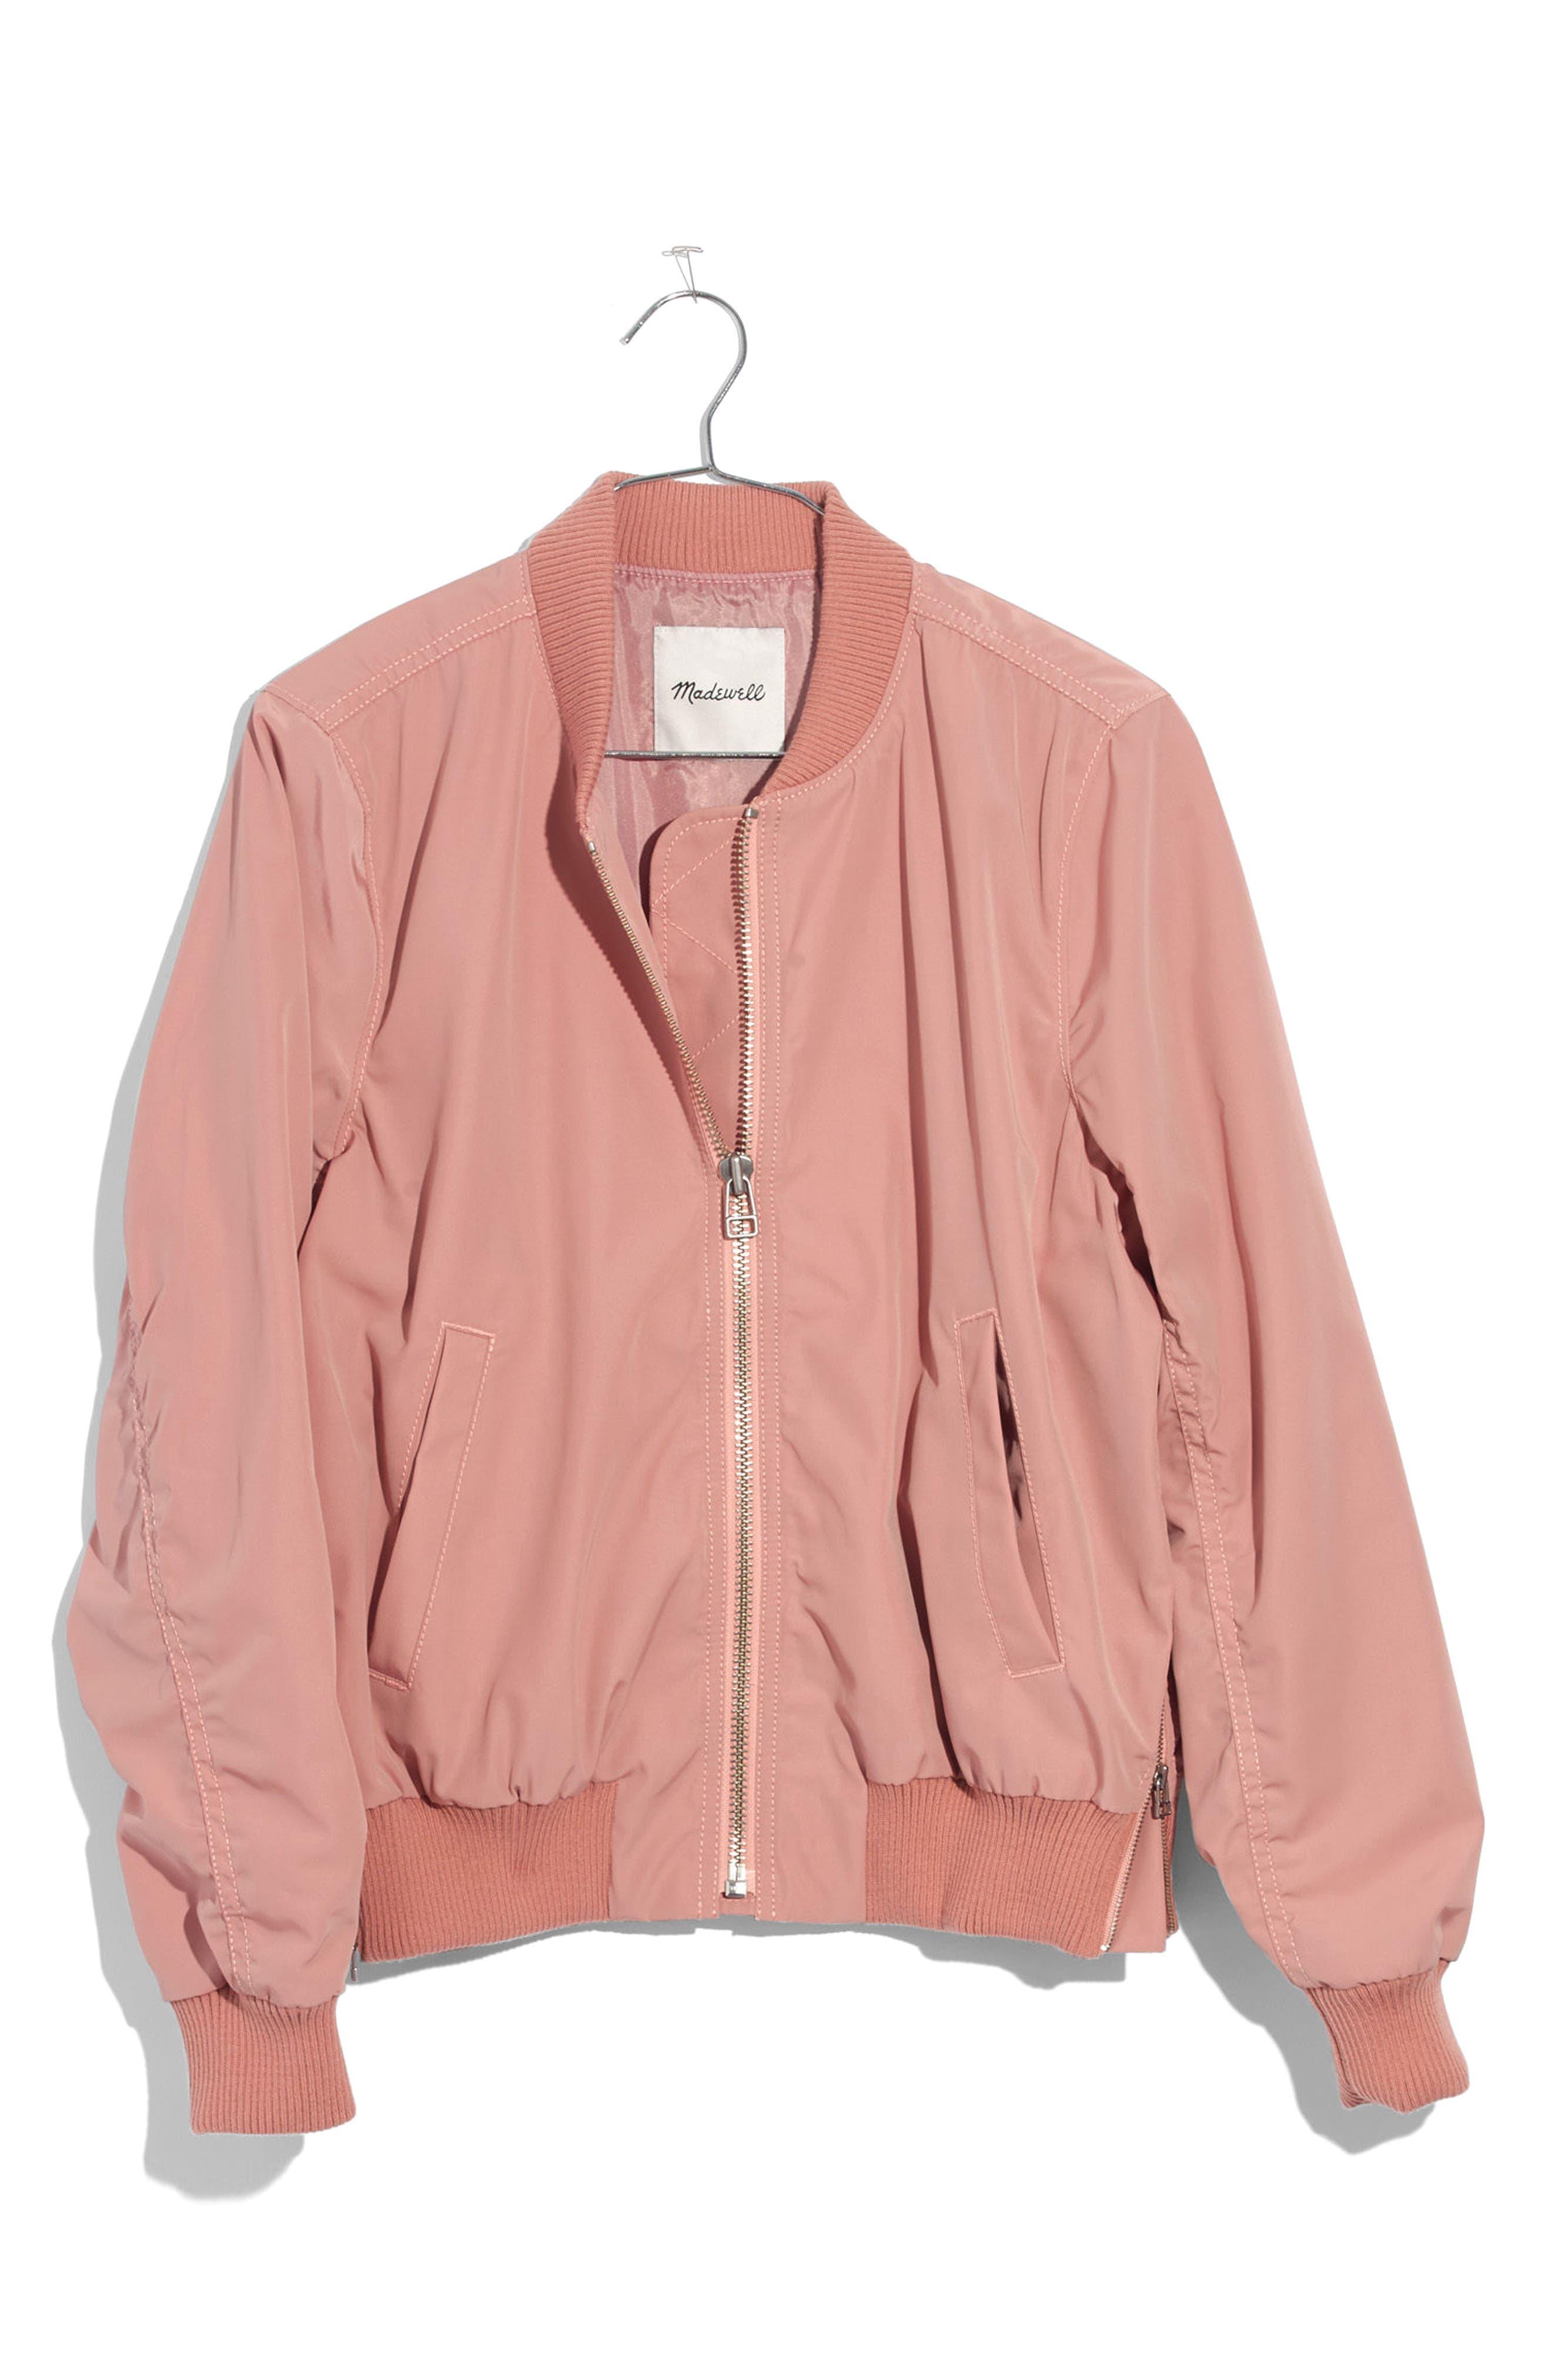 Madewell Side Zip Bomber Jacket